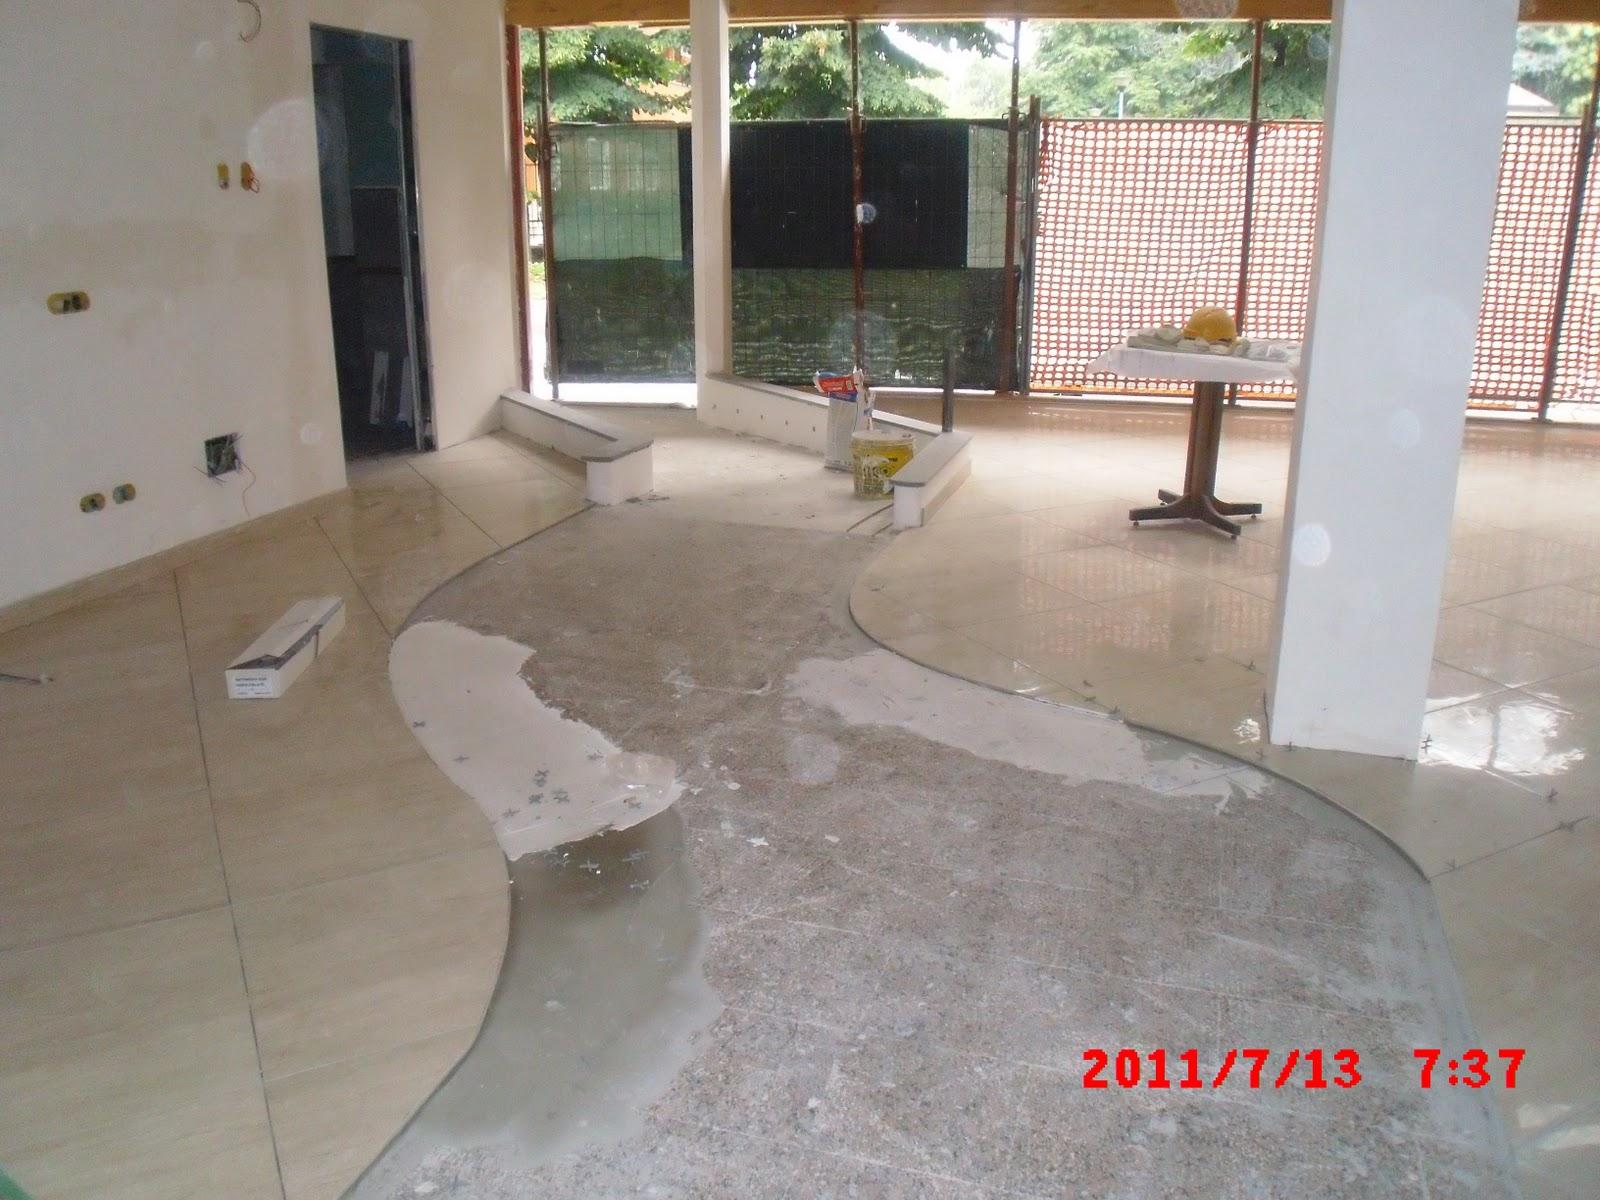 Piastrelle pavimento cucina ristorante piastrelle rivestimento